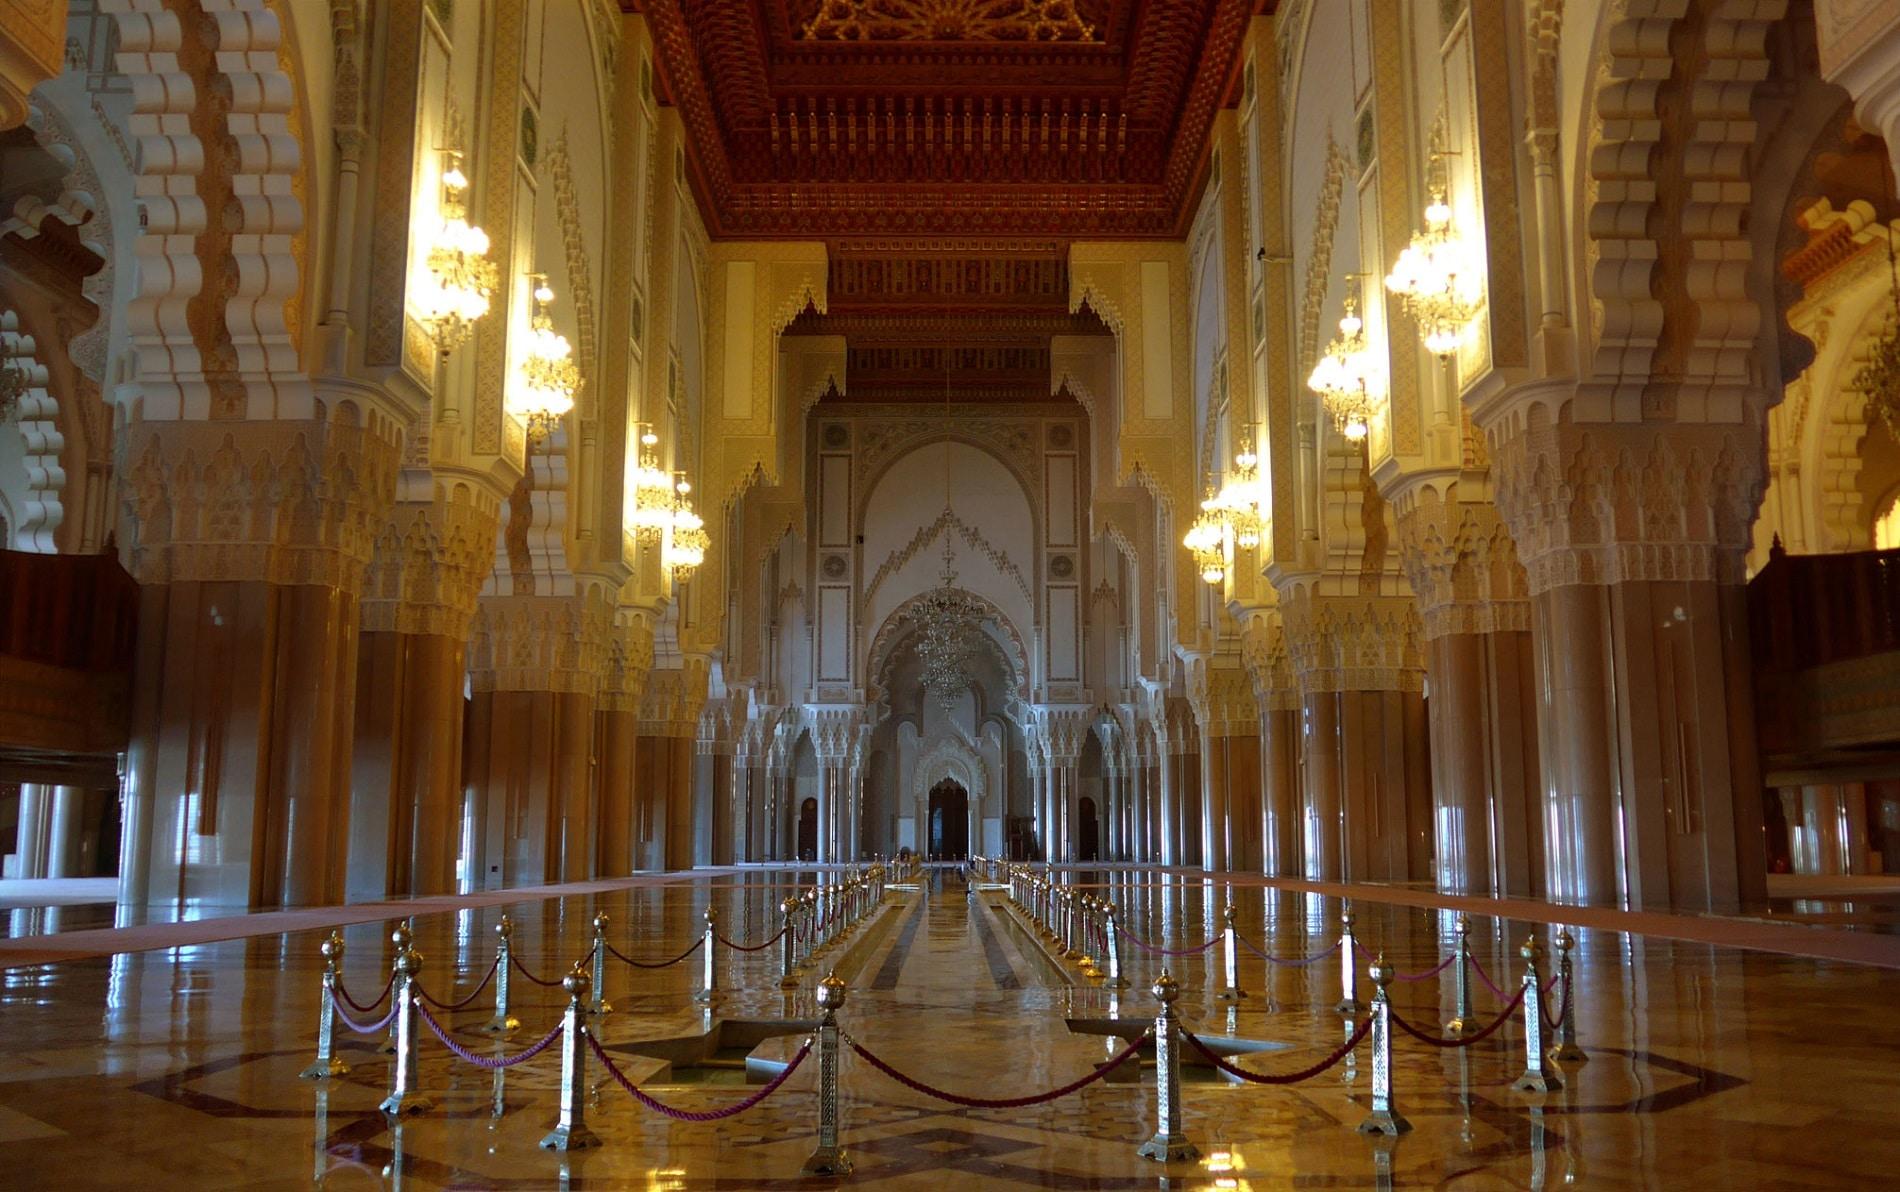 Vizitarea moscheelor din Casablanca este extrem de interesantă